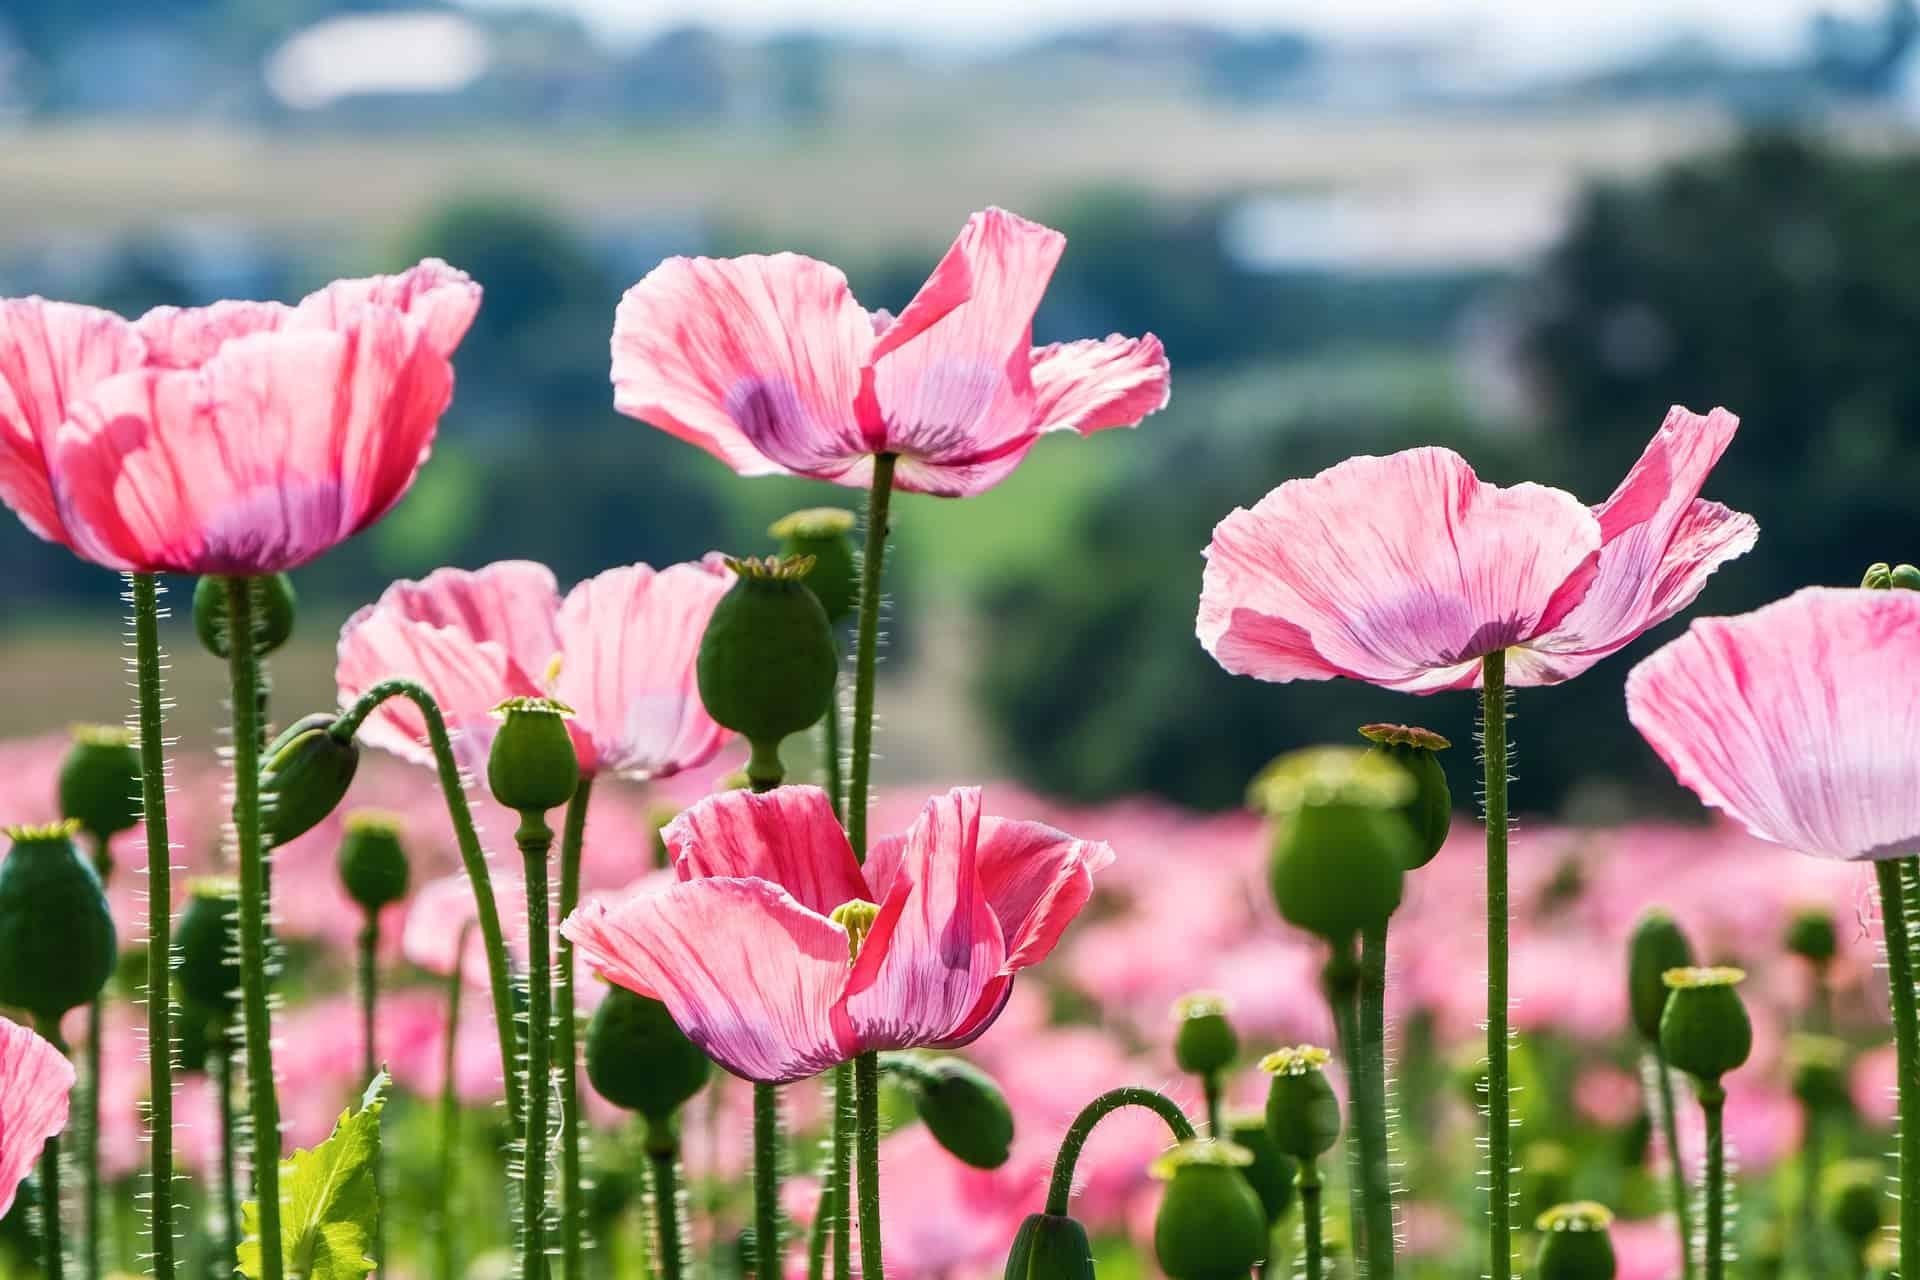 August Birth Flower Gift Ideas